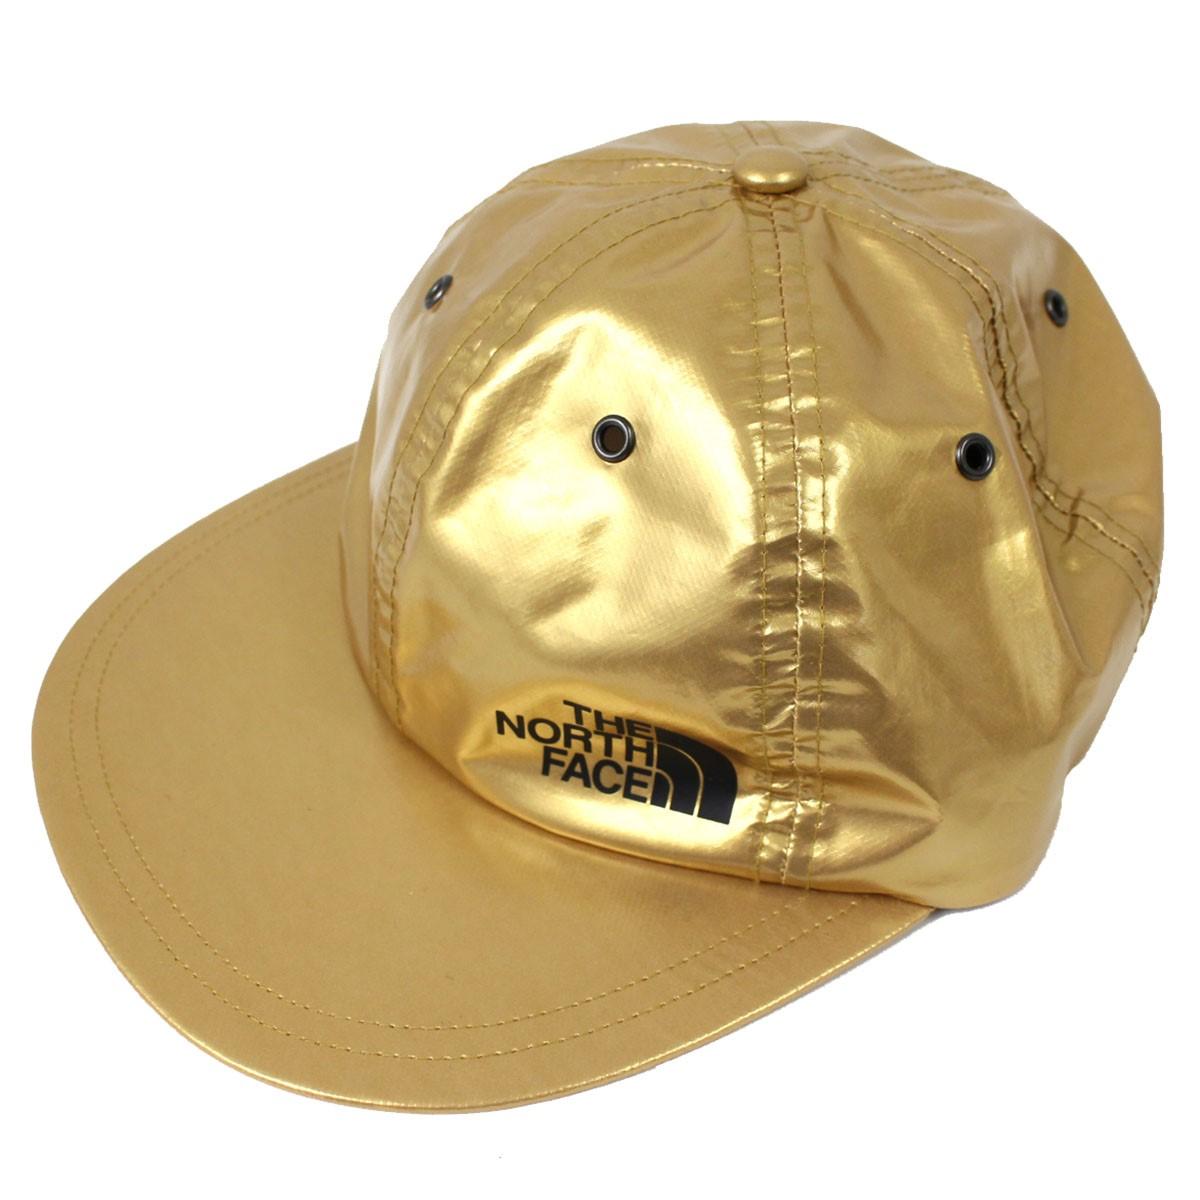 【中古】Supreme×The North Face Metallic 6-Panel Cap NN418051 メタリックキャップ 帽子 ゴールドメタリック サイズ:F 【送料無料】 【140918】(シュプリーム ザノースフェイス)